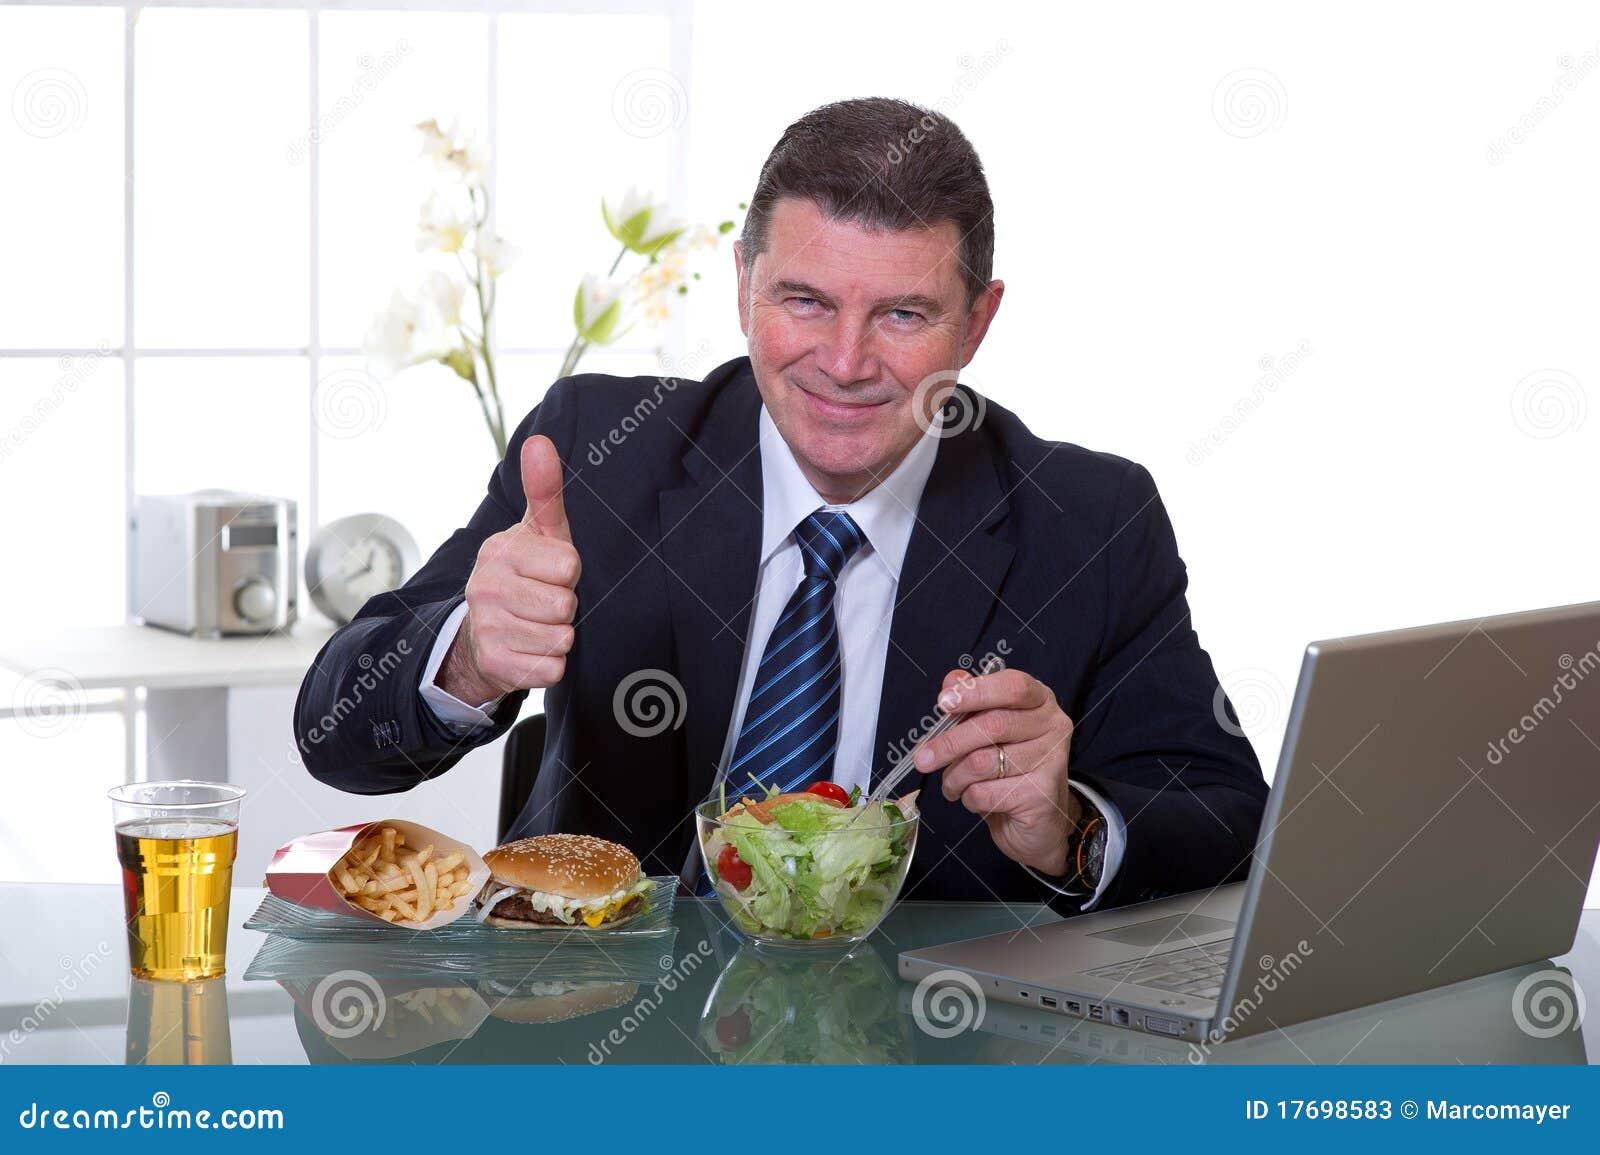 Le gestionnaire au bureau mangent de la salade verte